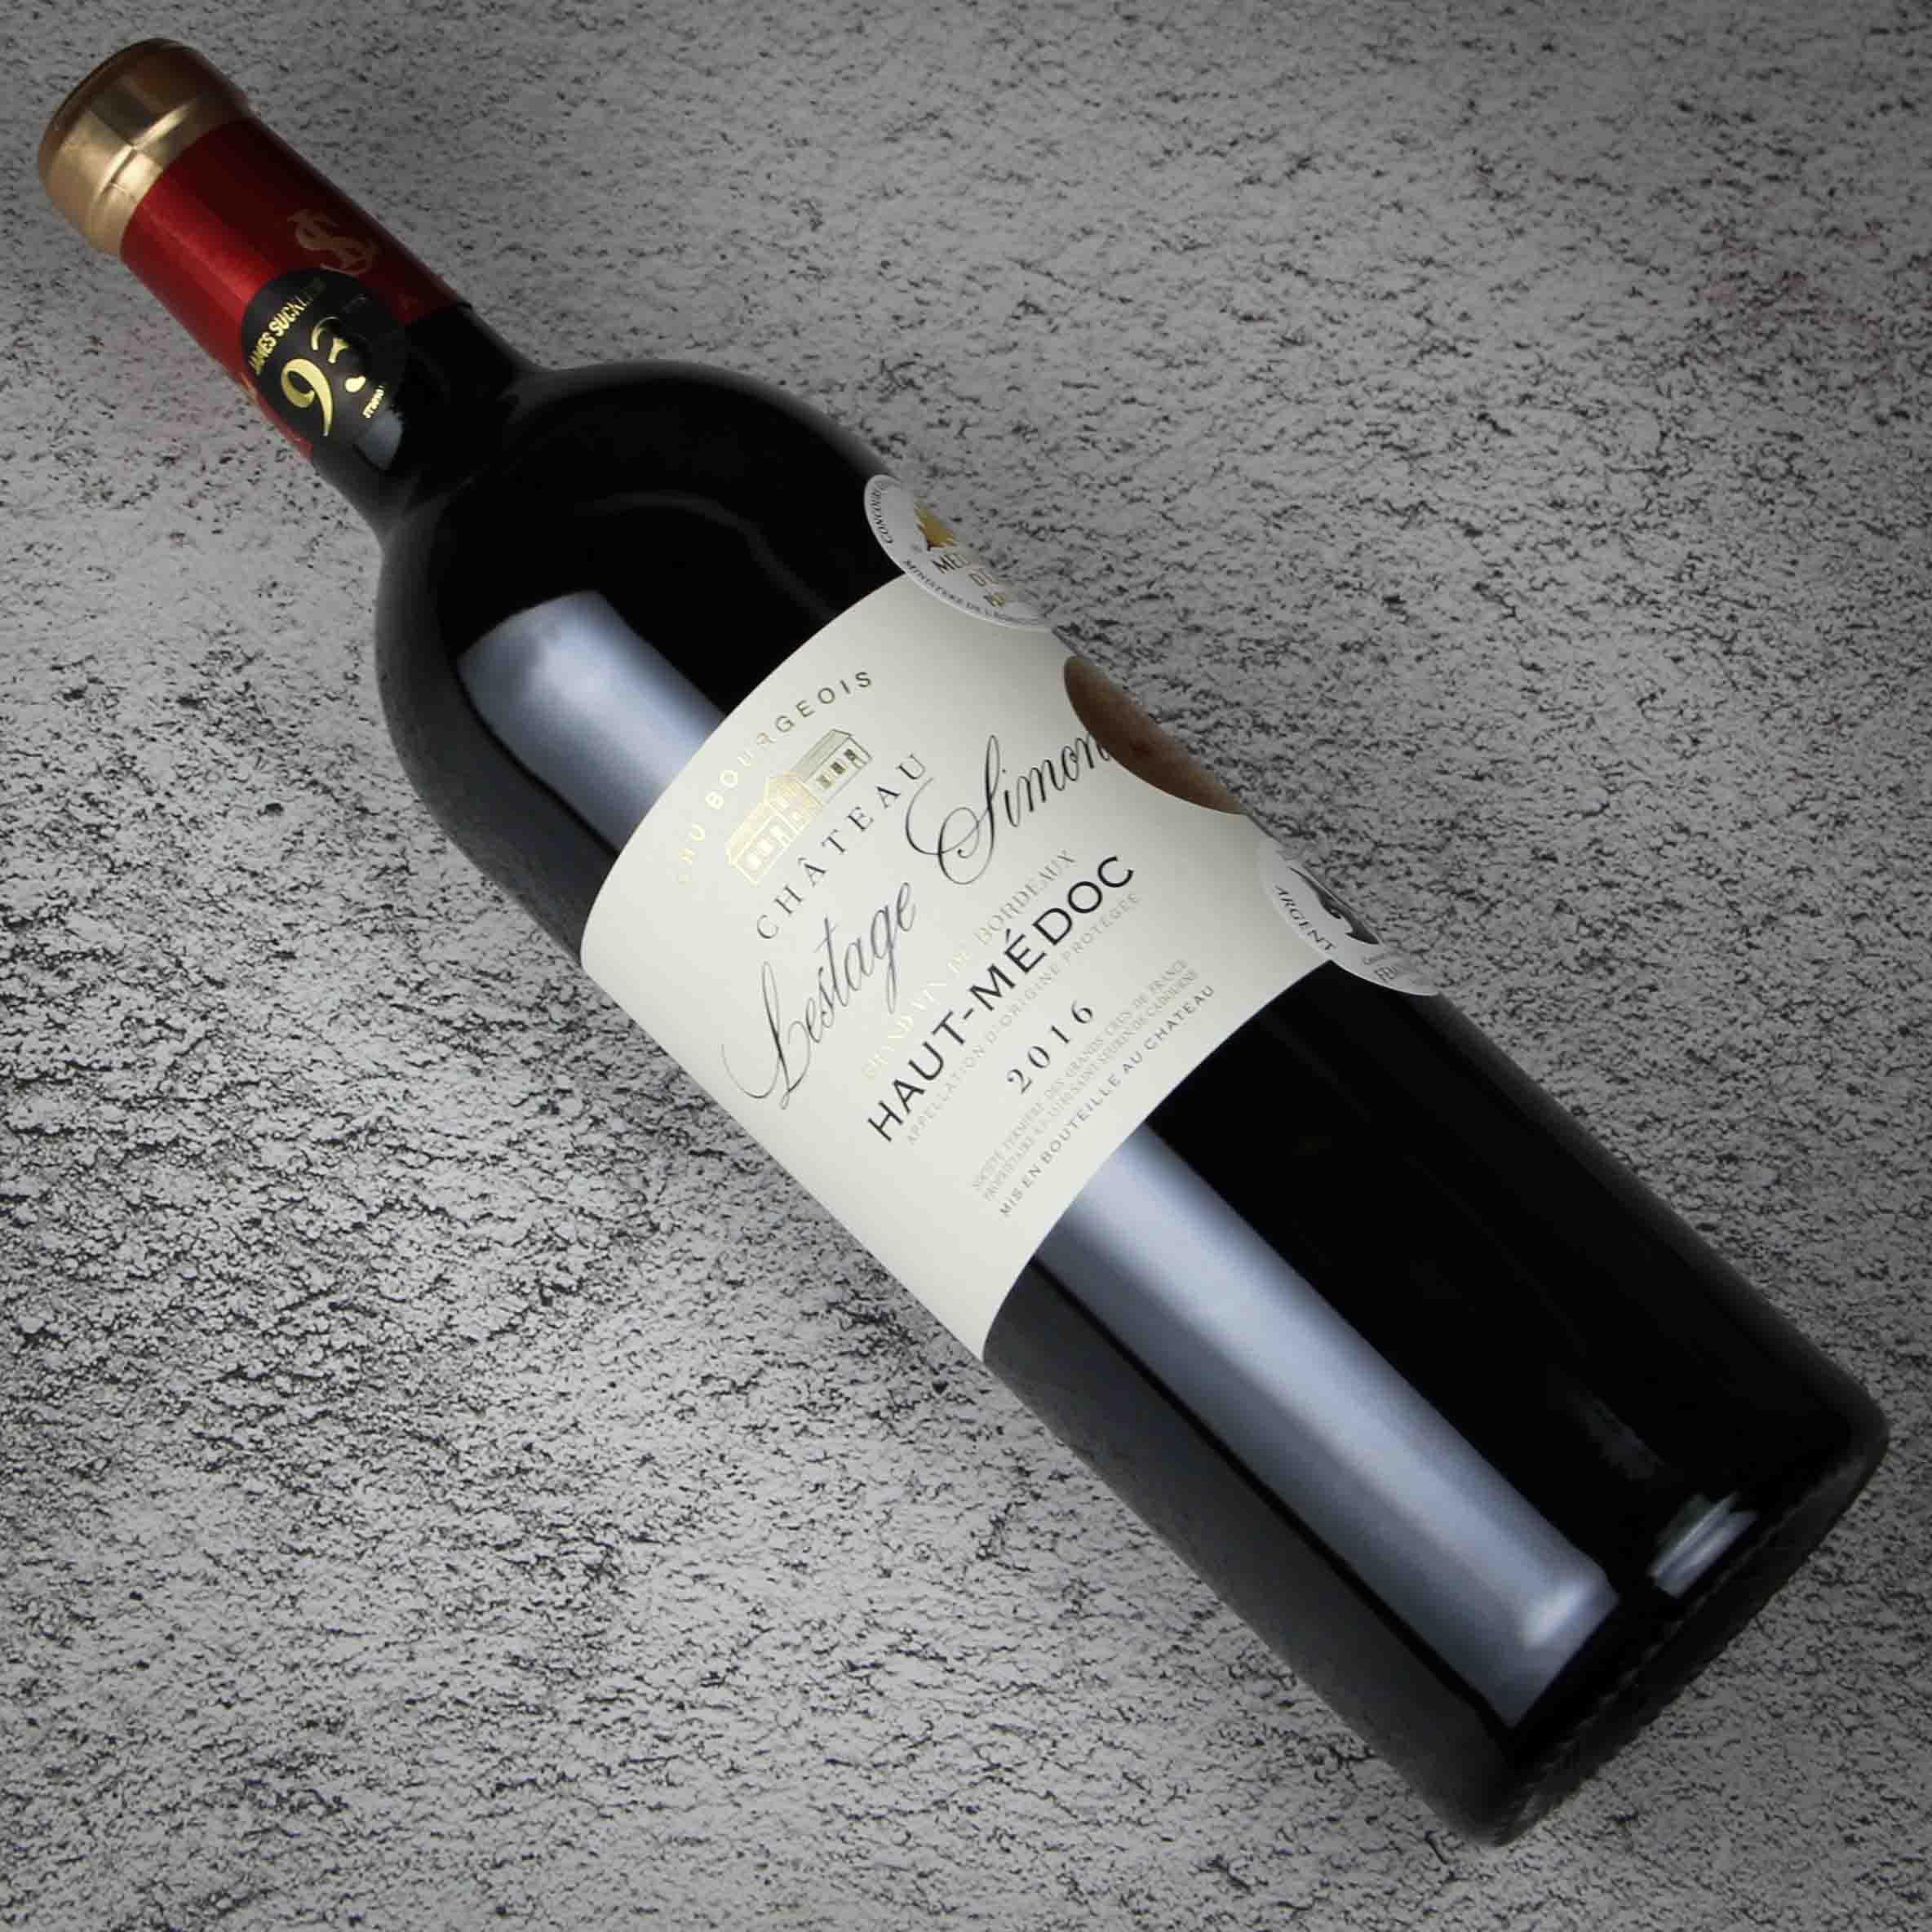 法国波尔多西蒙酒庄上梅多克中级庄AOP干红葡萄酒